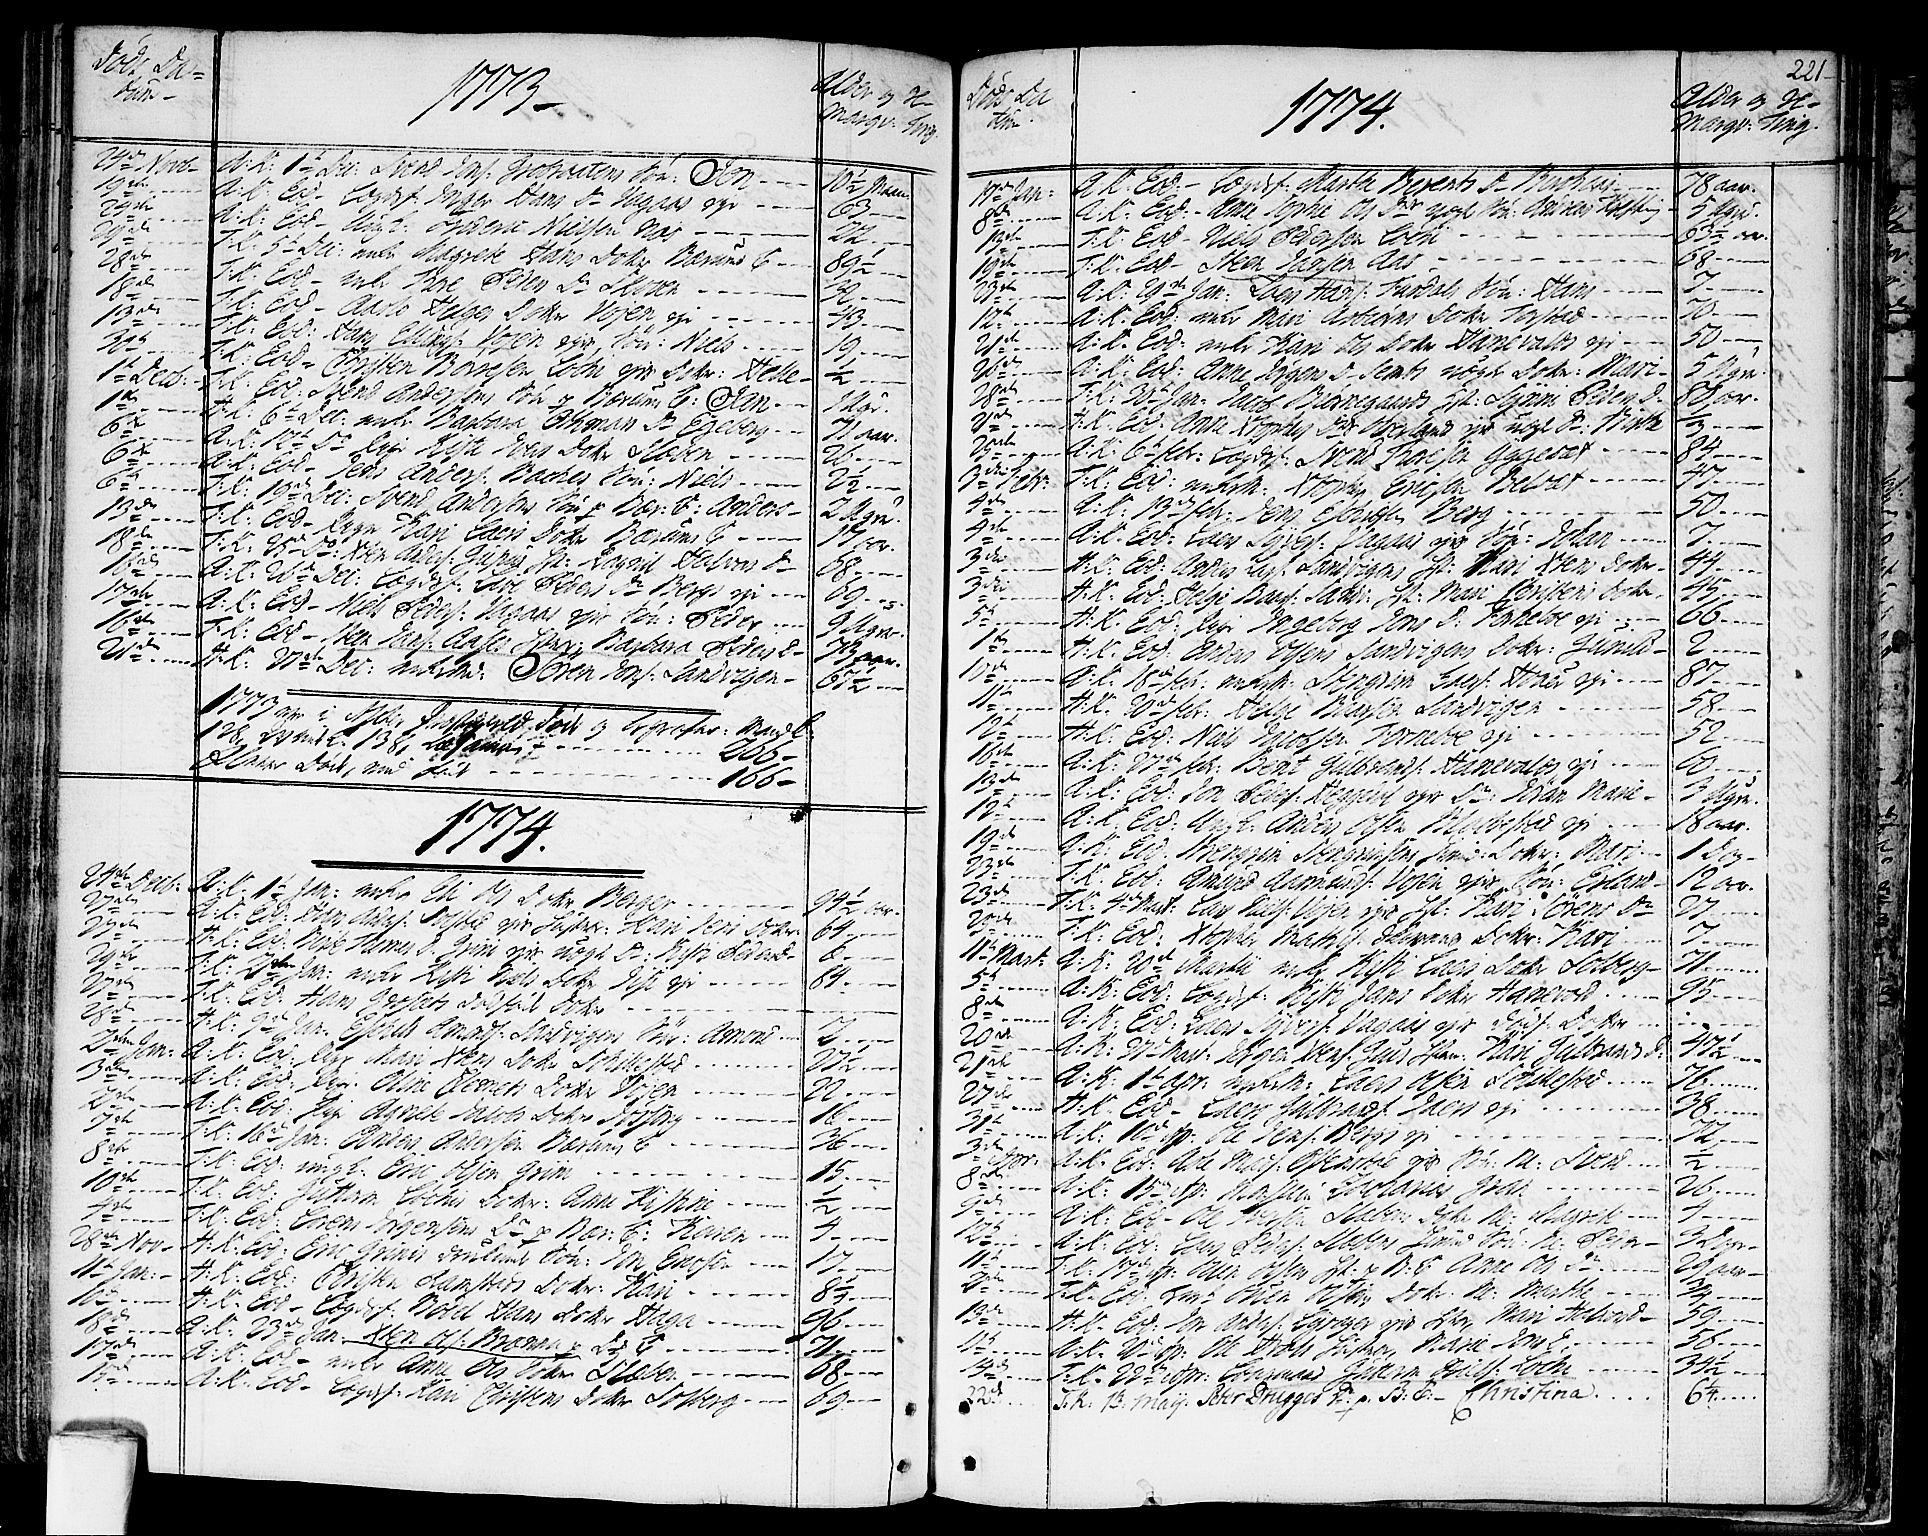 SAO, Asker prestekontor Kirkebøker, F/Fa/L0003: Ministerialbok nr. I 3, 1767-1807, s. 221